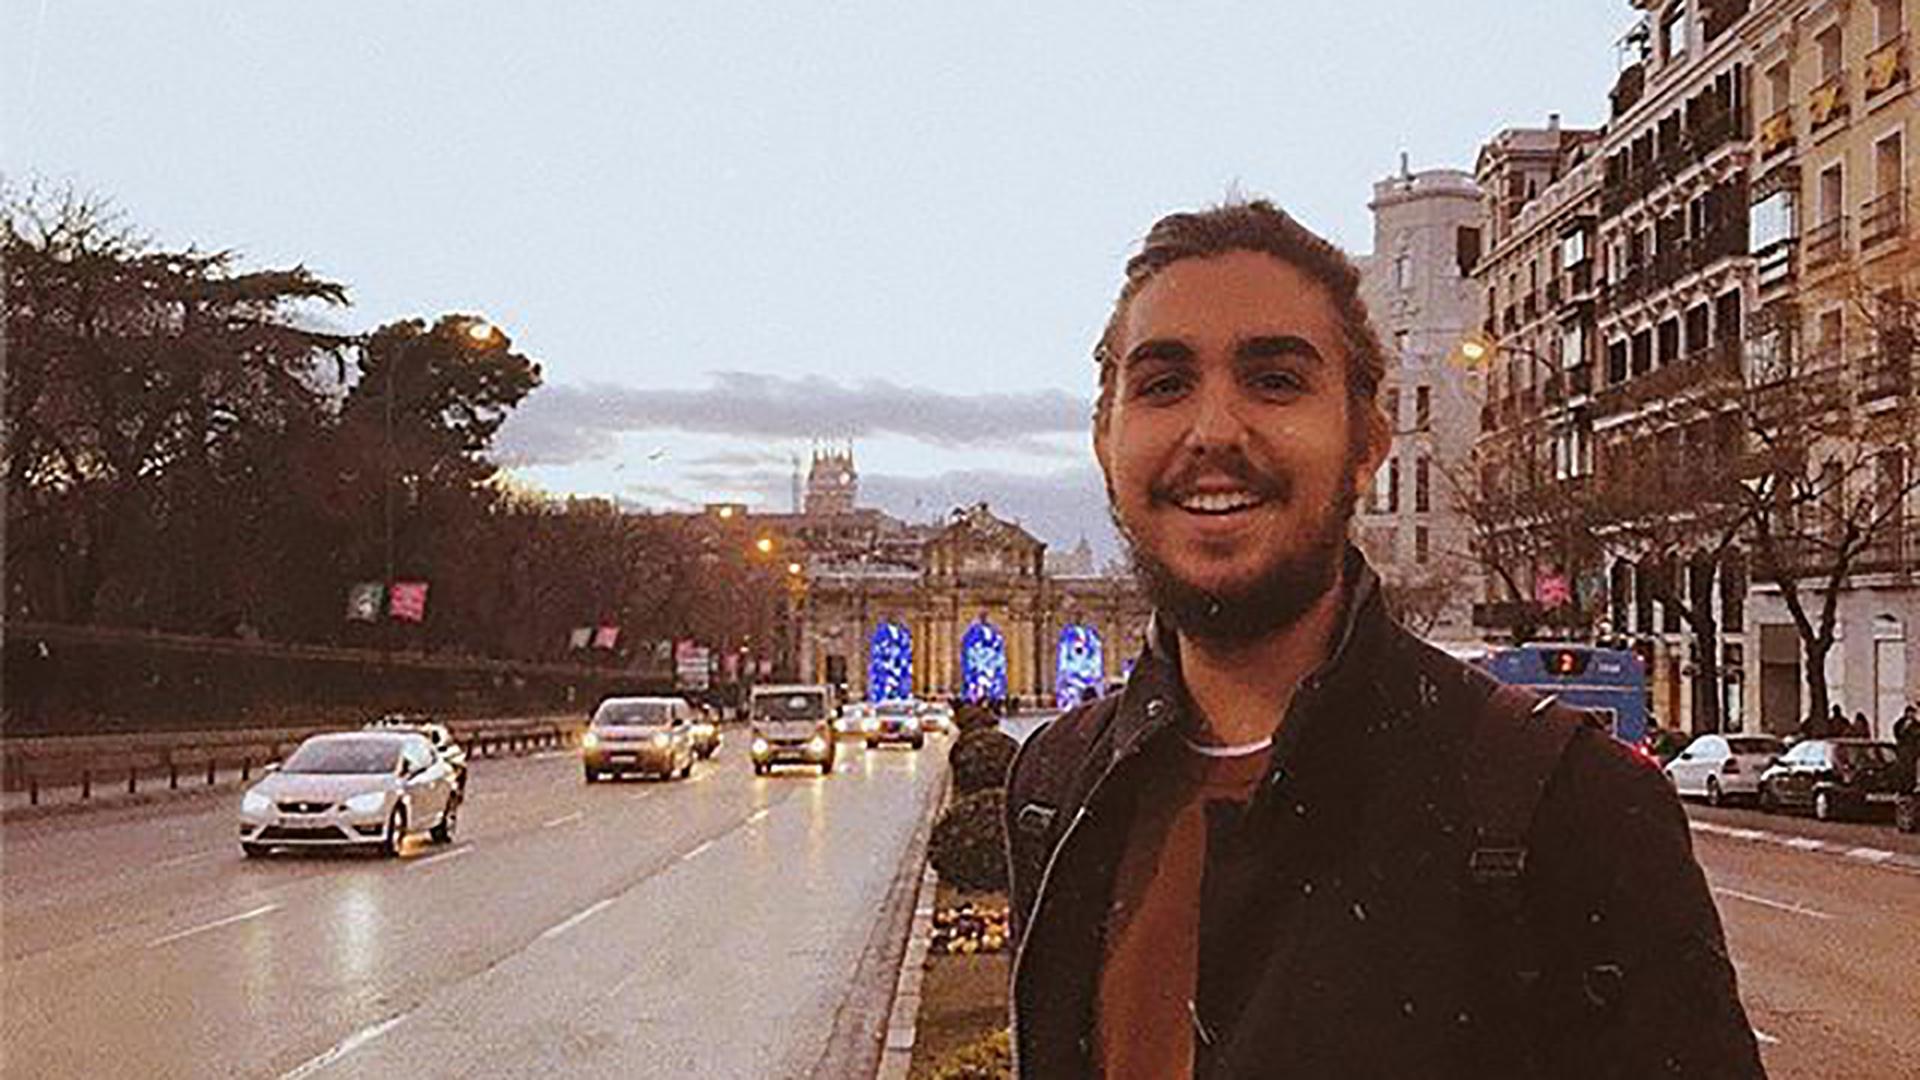 El joven goza de viajar a España cada que tiene oportunidad